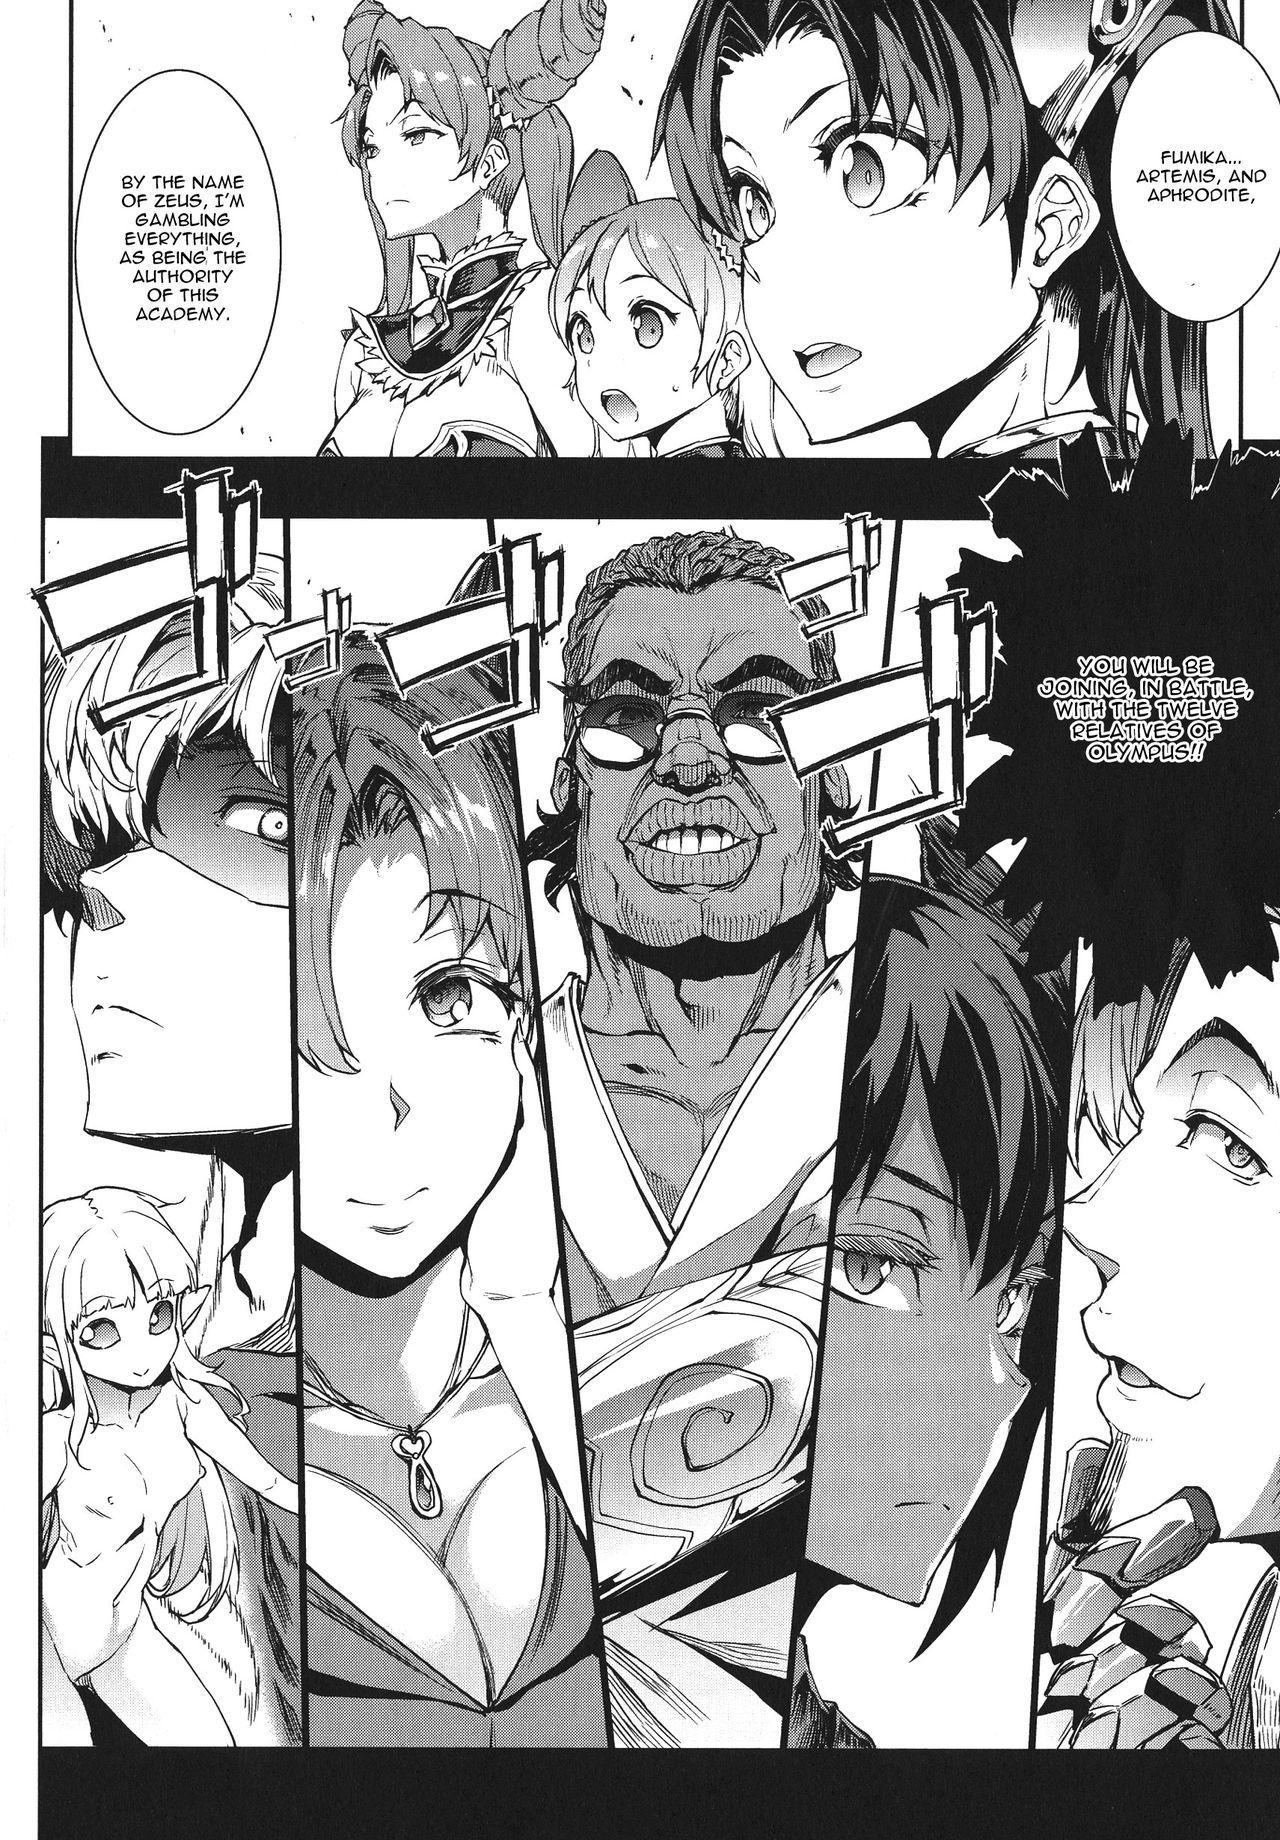 [Erect Sawaru] Raikou Shinki Igis Magia -PANDRA saga 3rd ignition- Ch. 1-6 [English] [CGrascal] 81